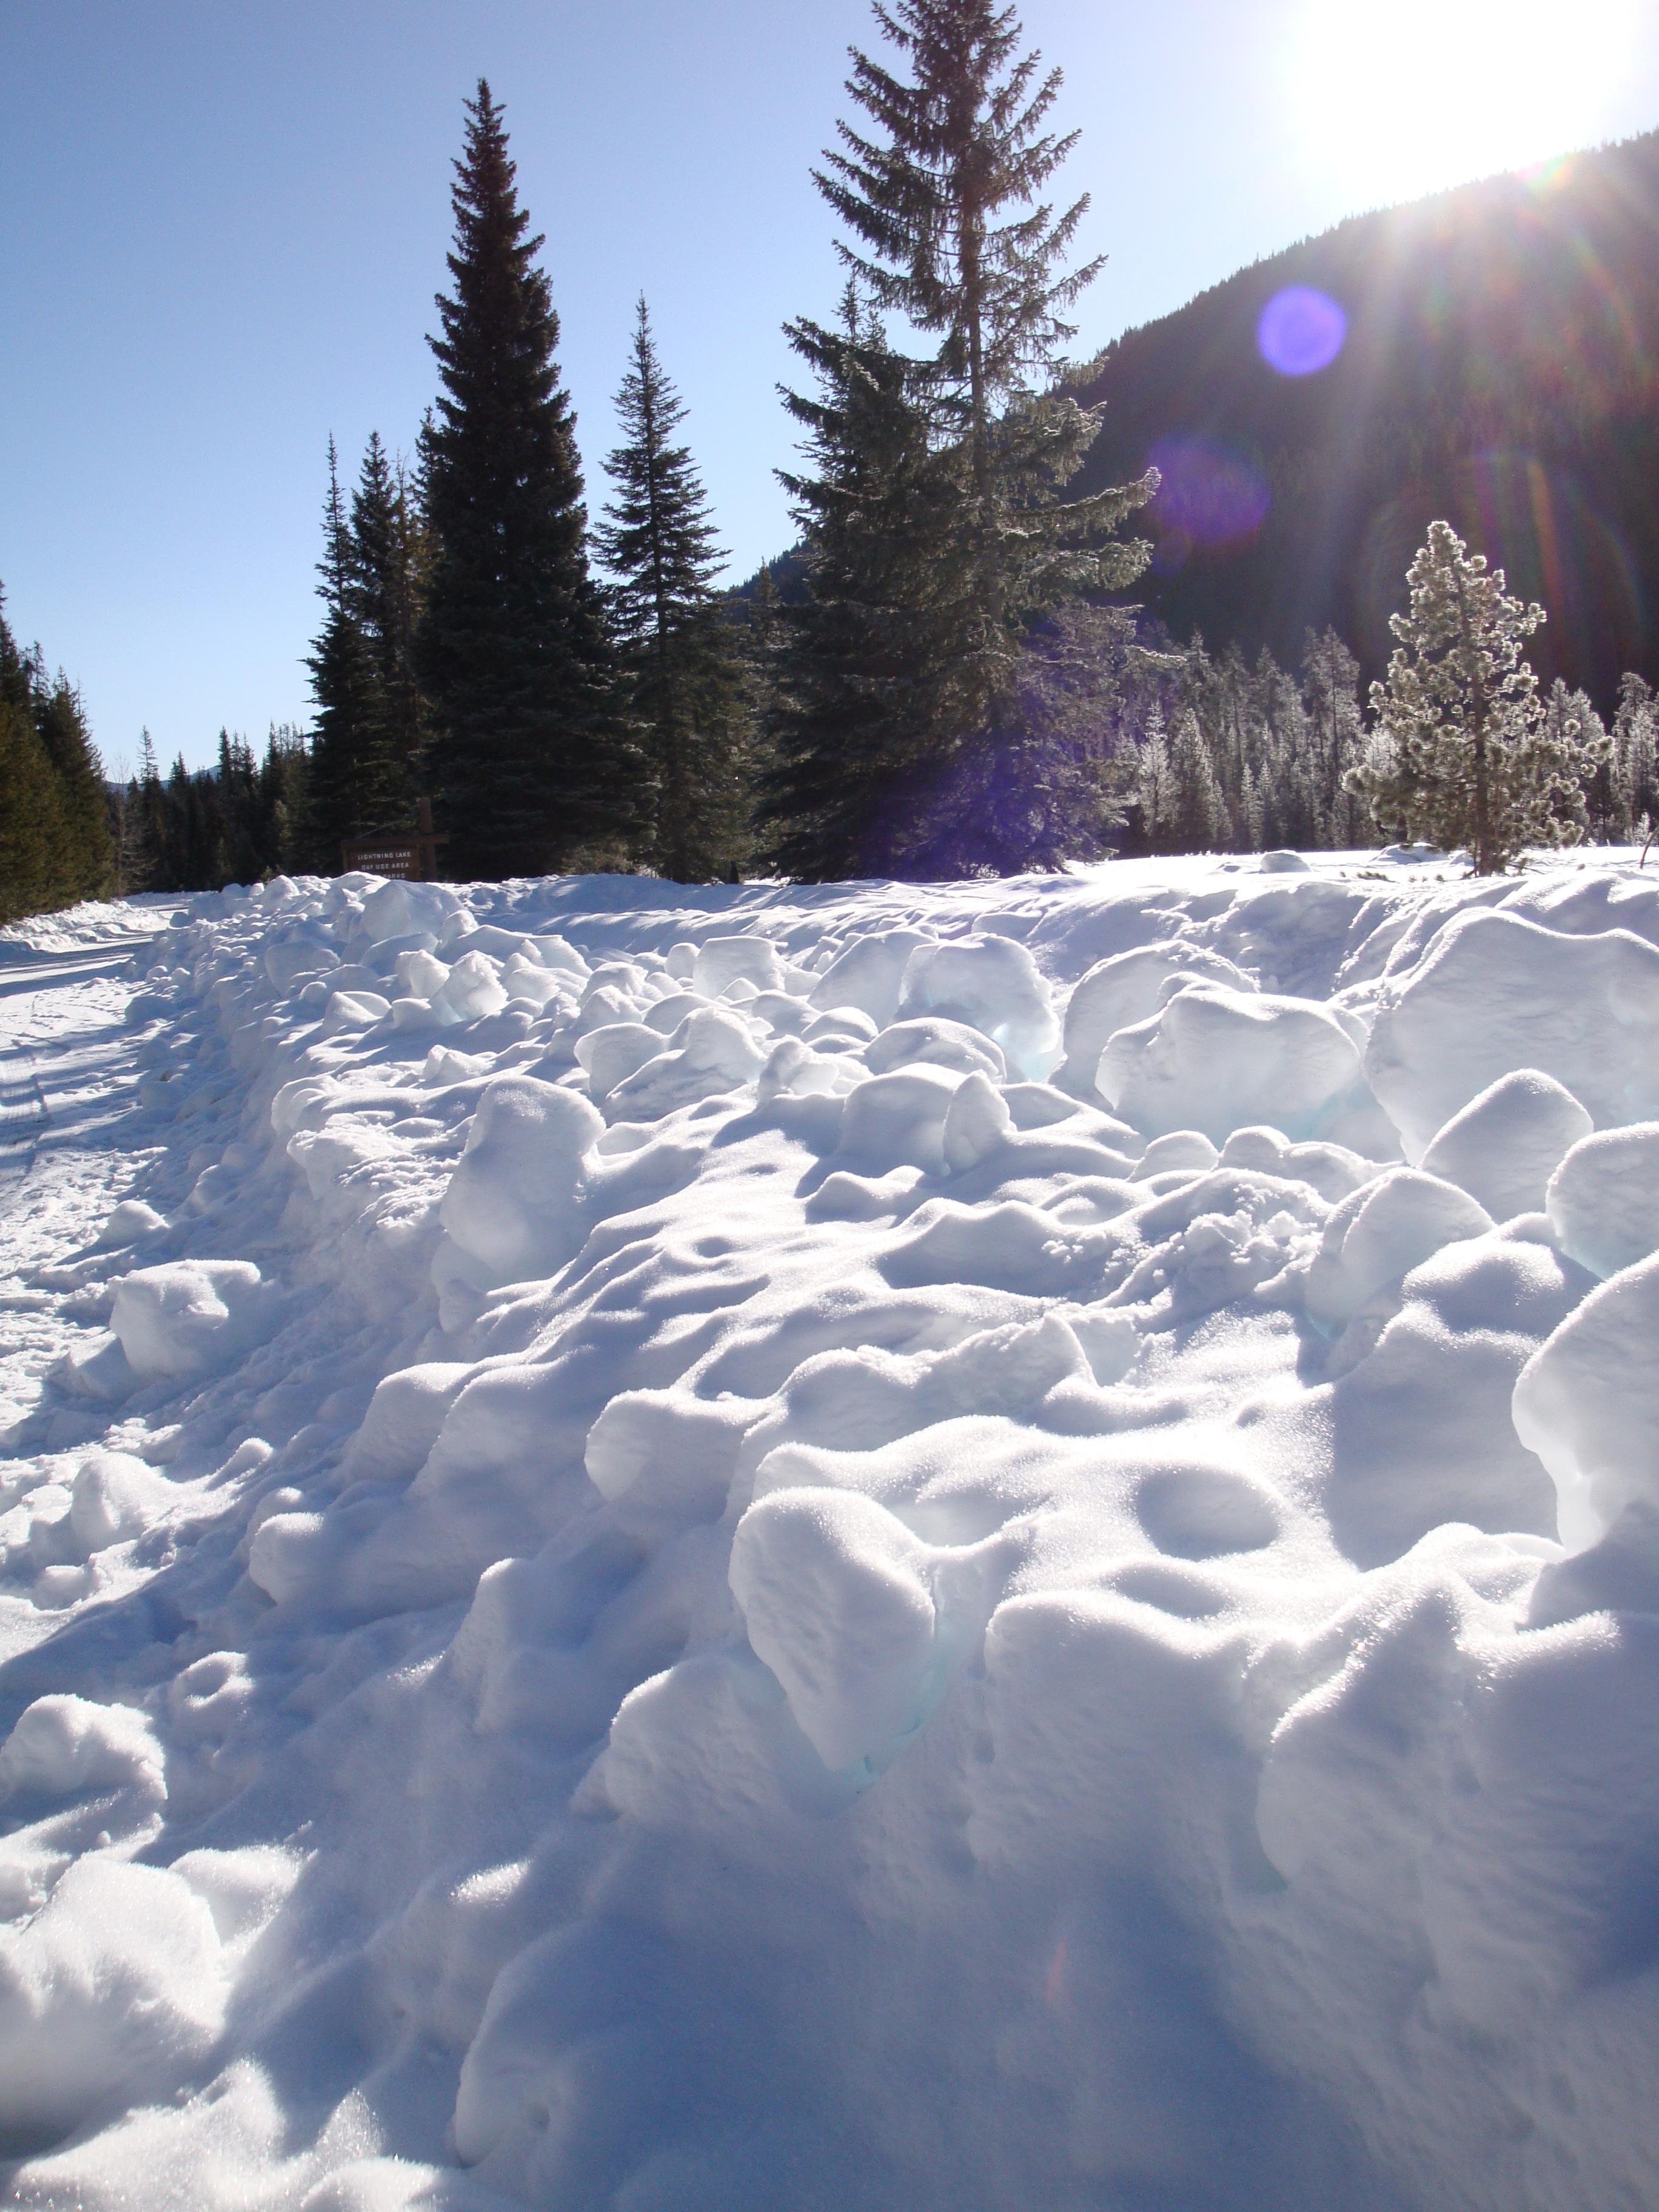 Snow hoar frost